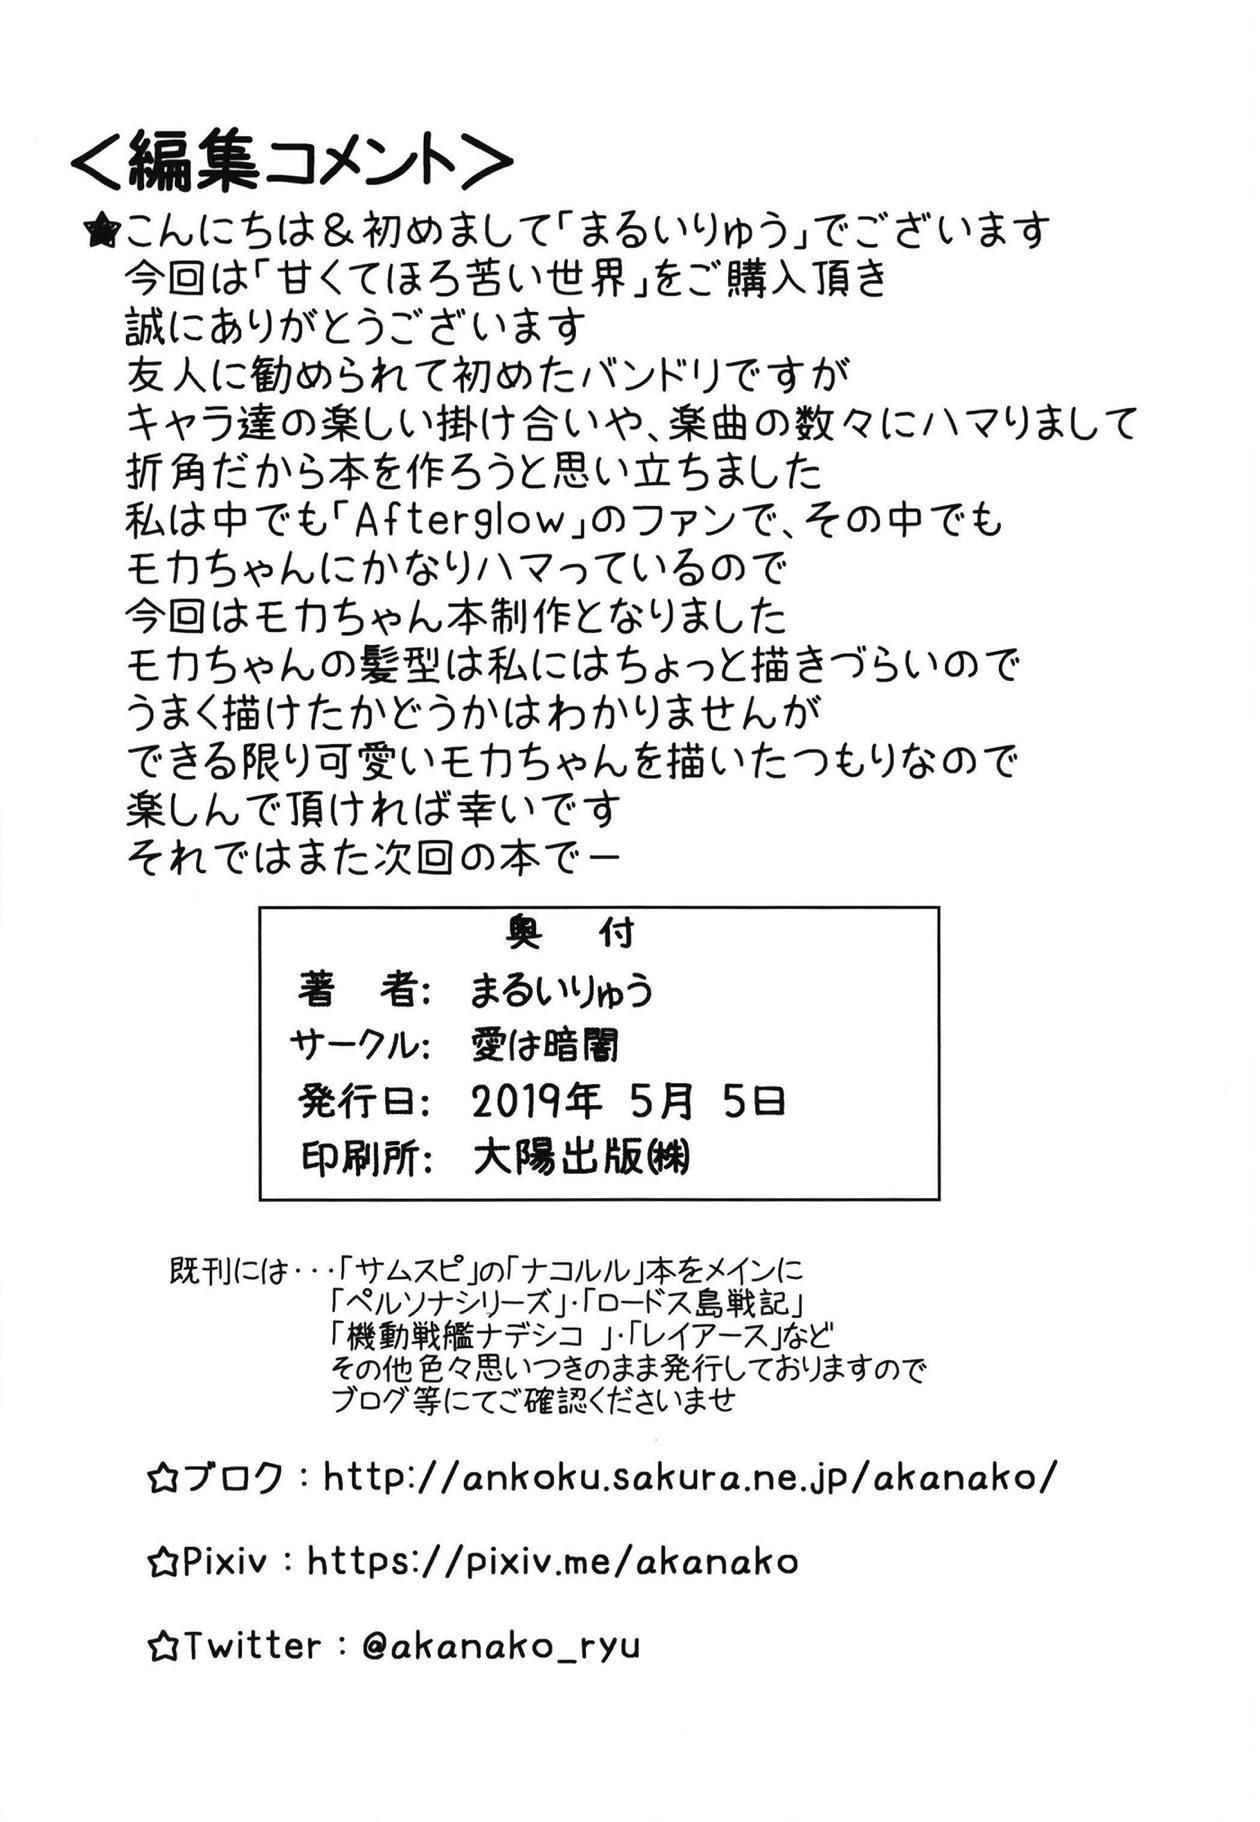 Amakute Horonigai Sekai 20